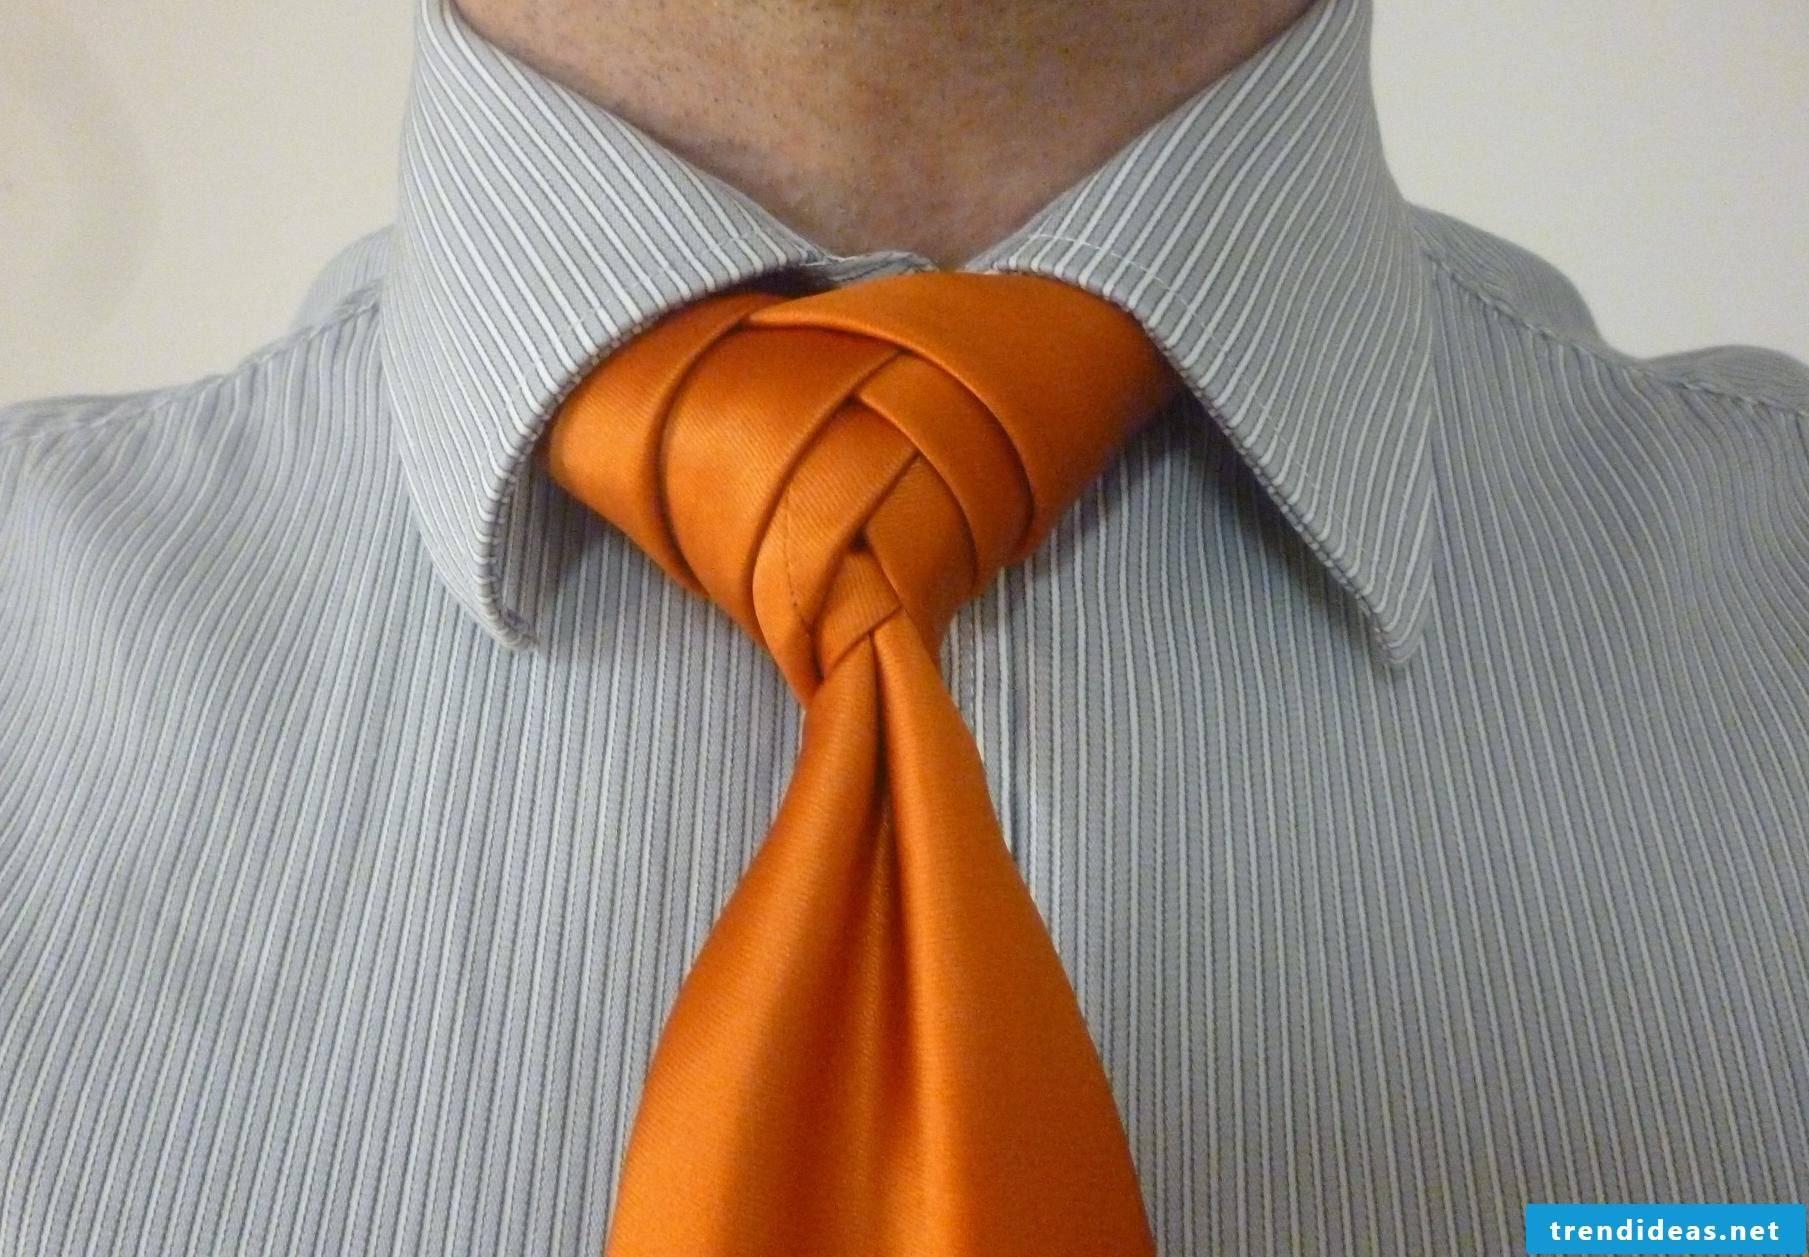 How do you tie a tie?